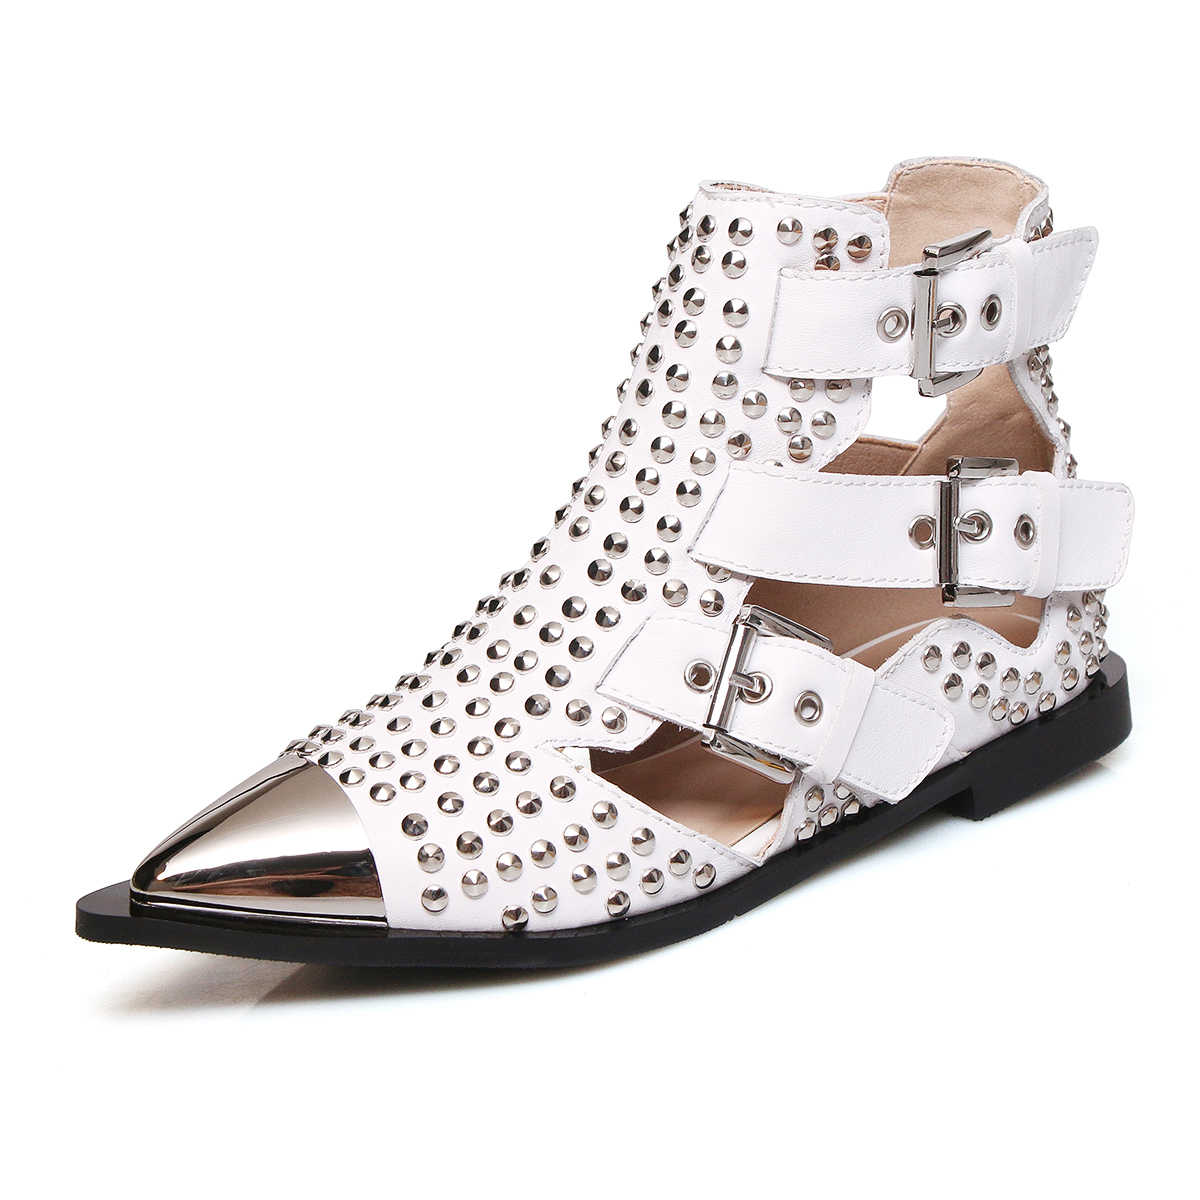 2019 г., осенние женские ботильоны с заклепками Черные полусапожки с ремешками и пряжкой модные брендовые туфли на плоской подошве с металлическим острым носком в стиле панк